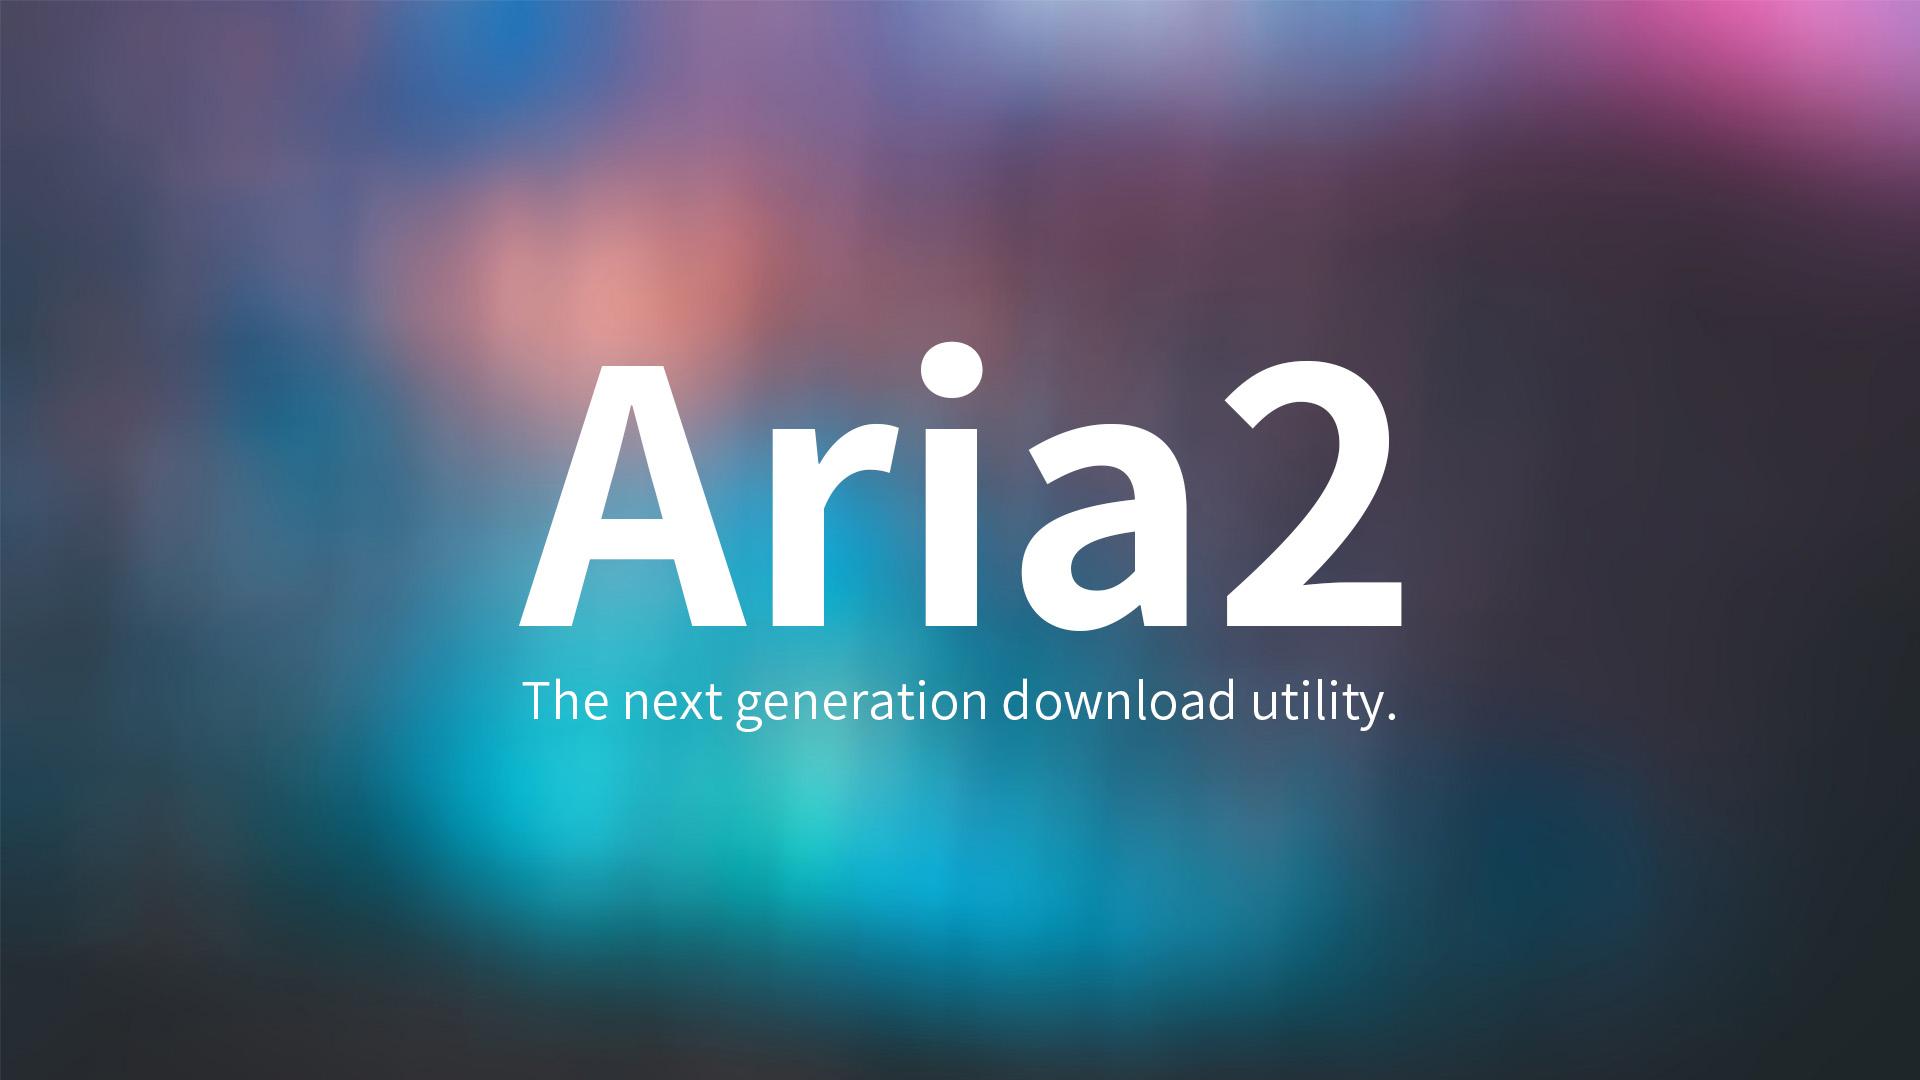 你还在忍受龟速下载吗?--mac上使用aria2的最佳实践